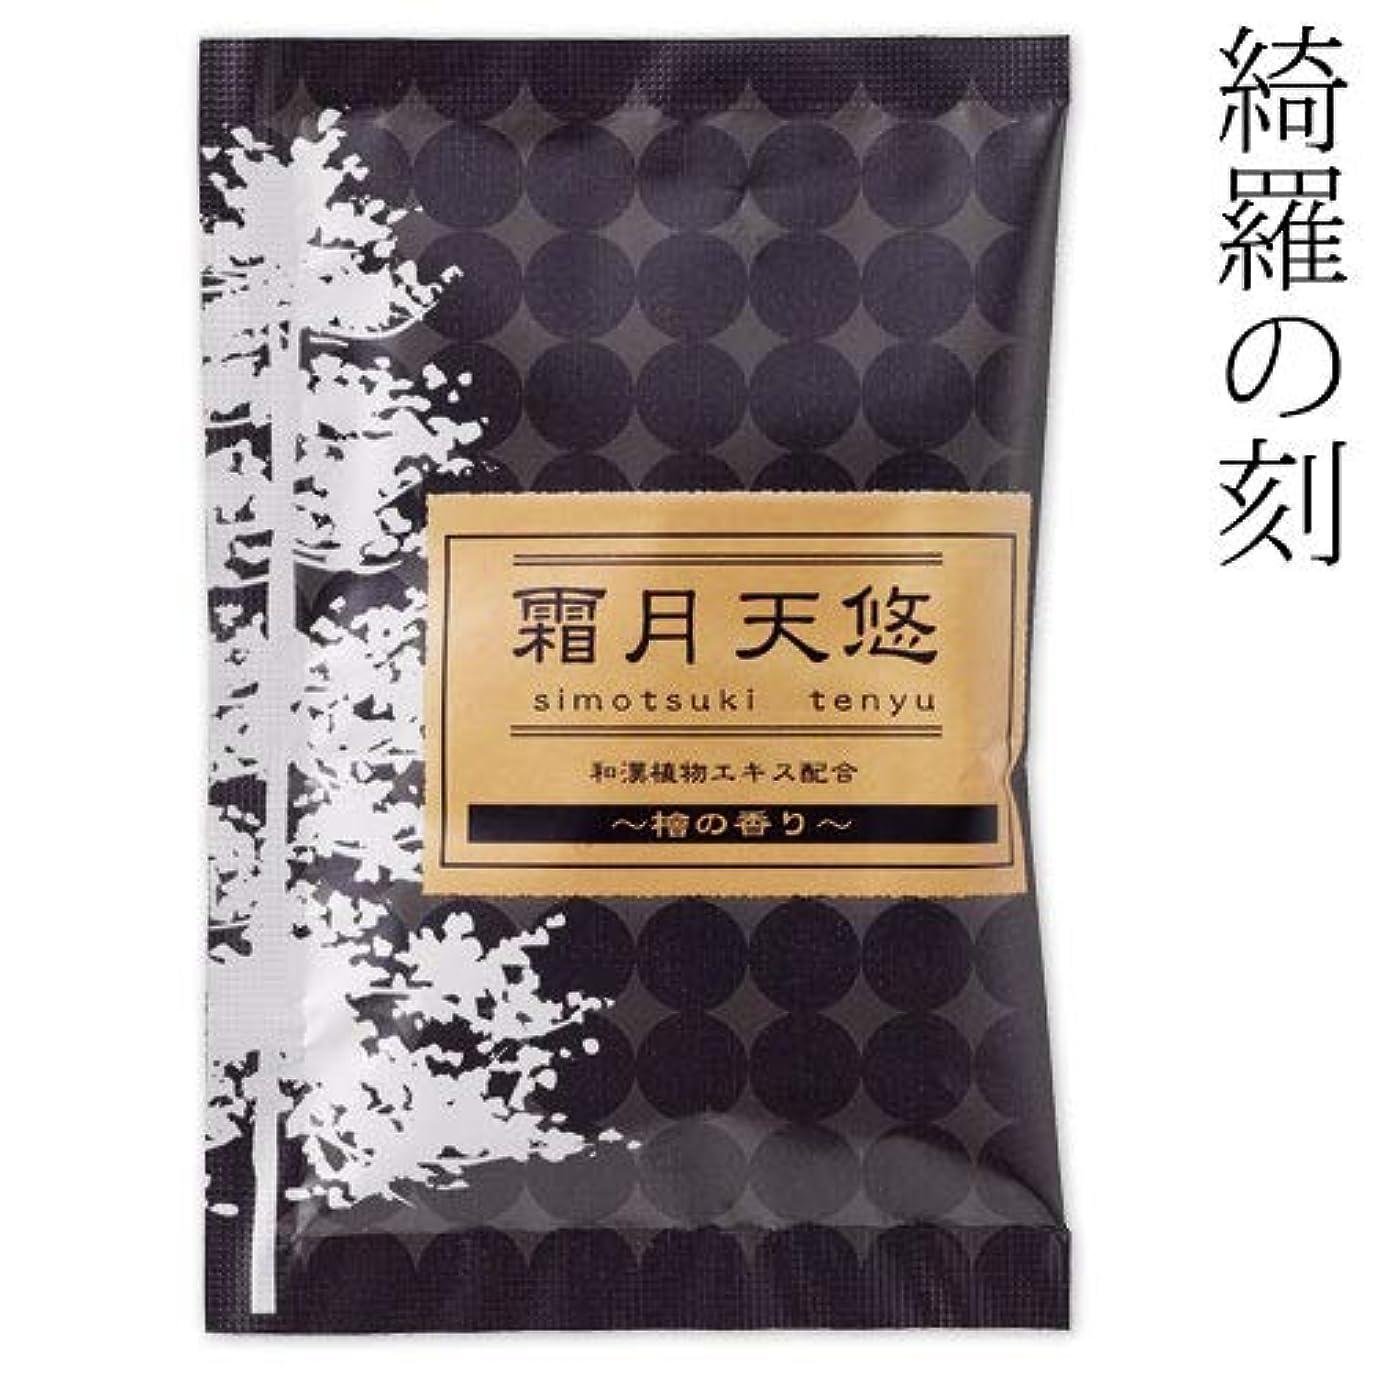 倒錯ミンチ蛇行入浴剤綺羅の刻檜の香り霜月天悠1包石川県のお風呂グッズBath additive, Ishikawa craft